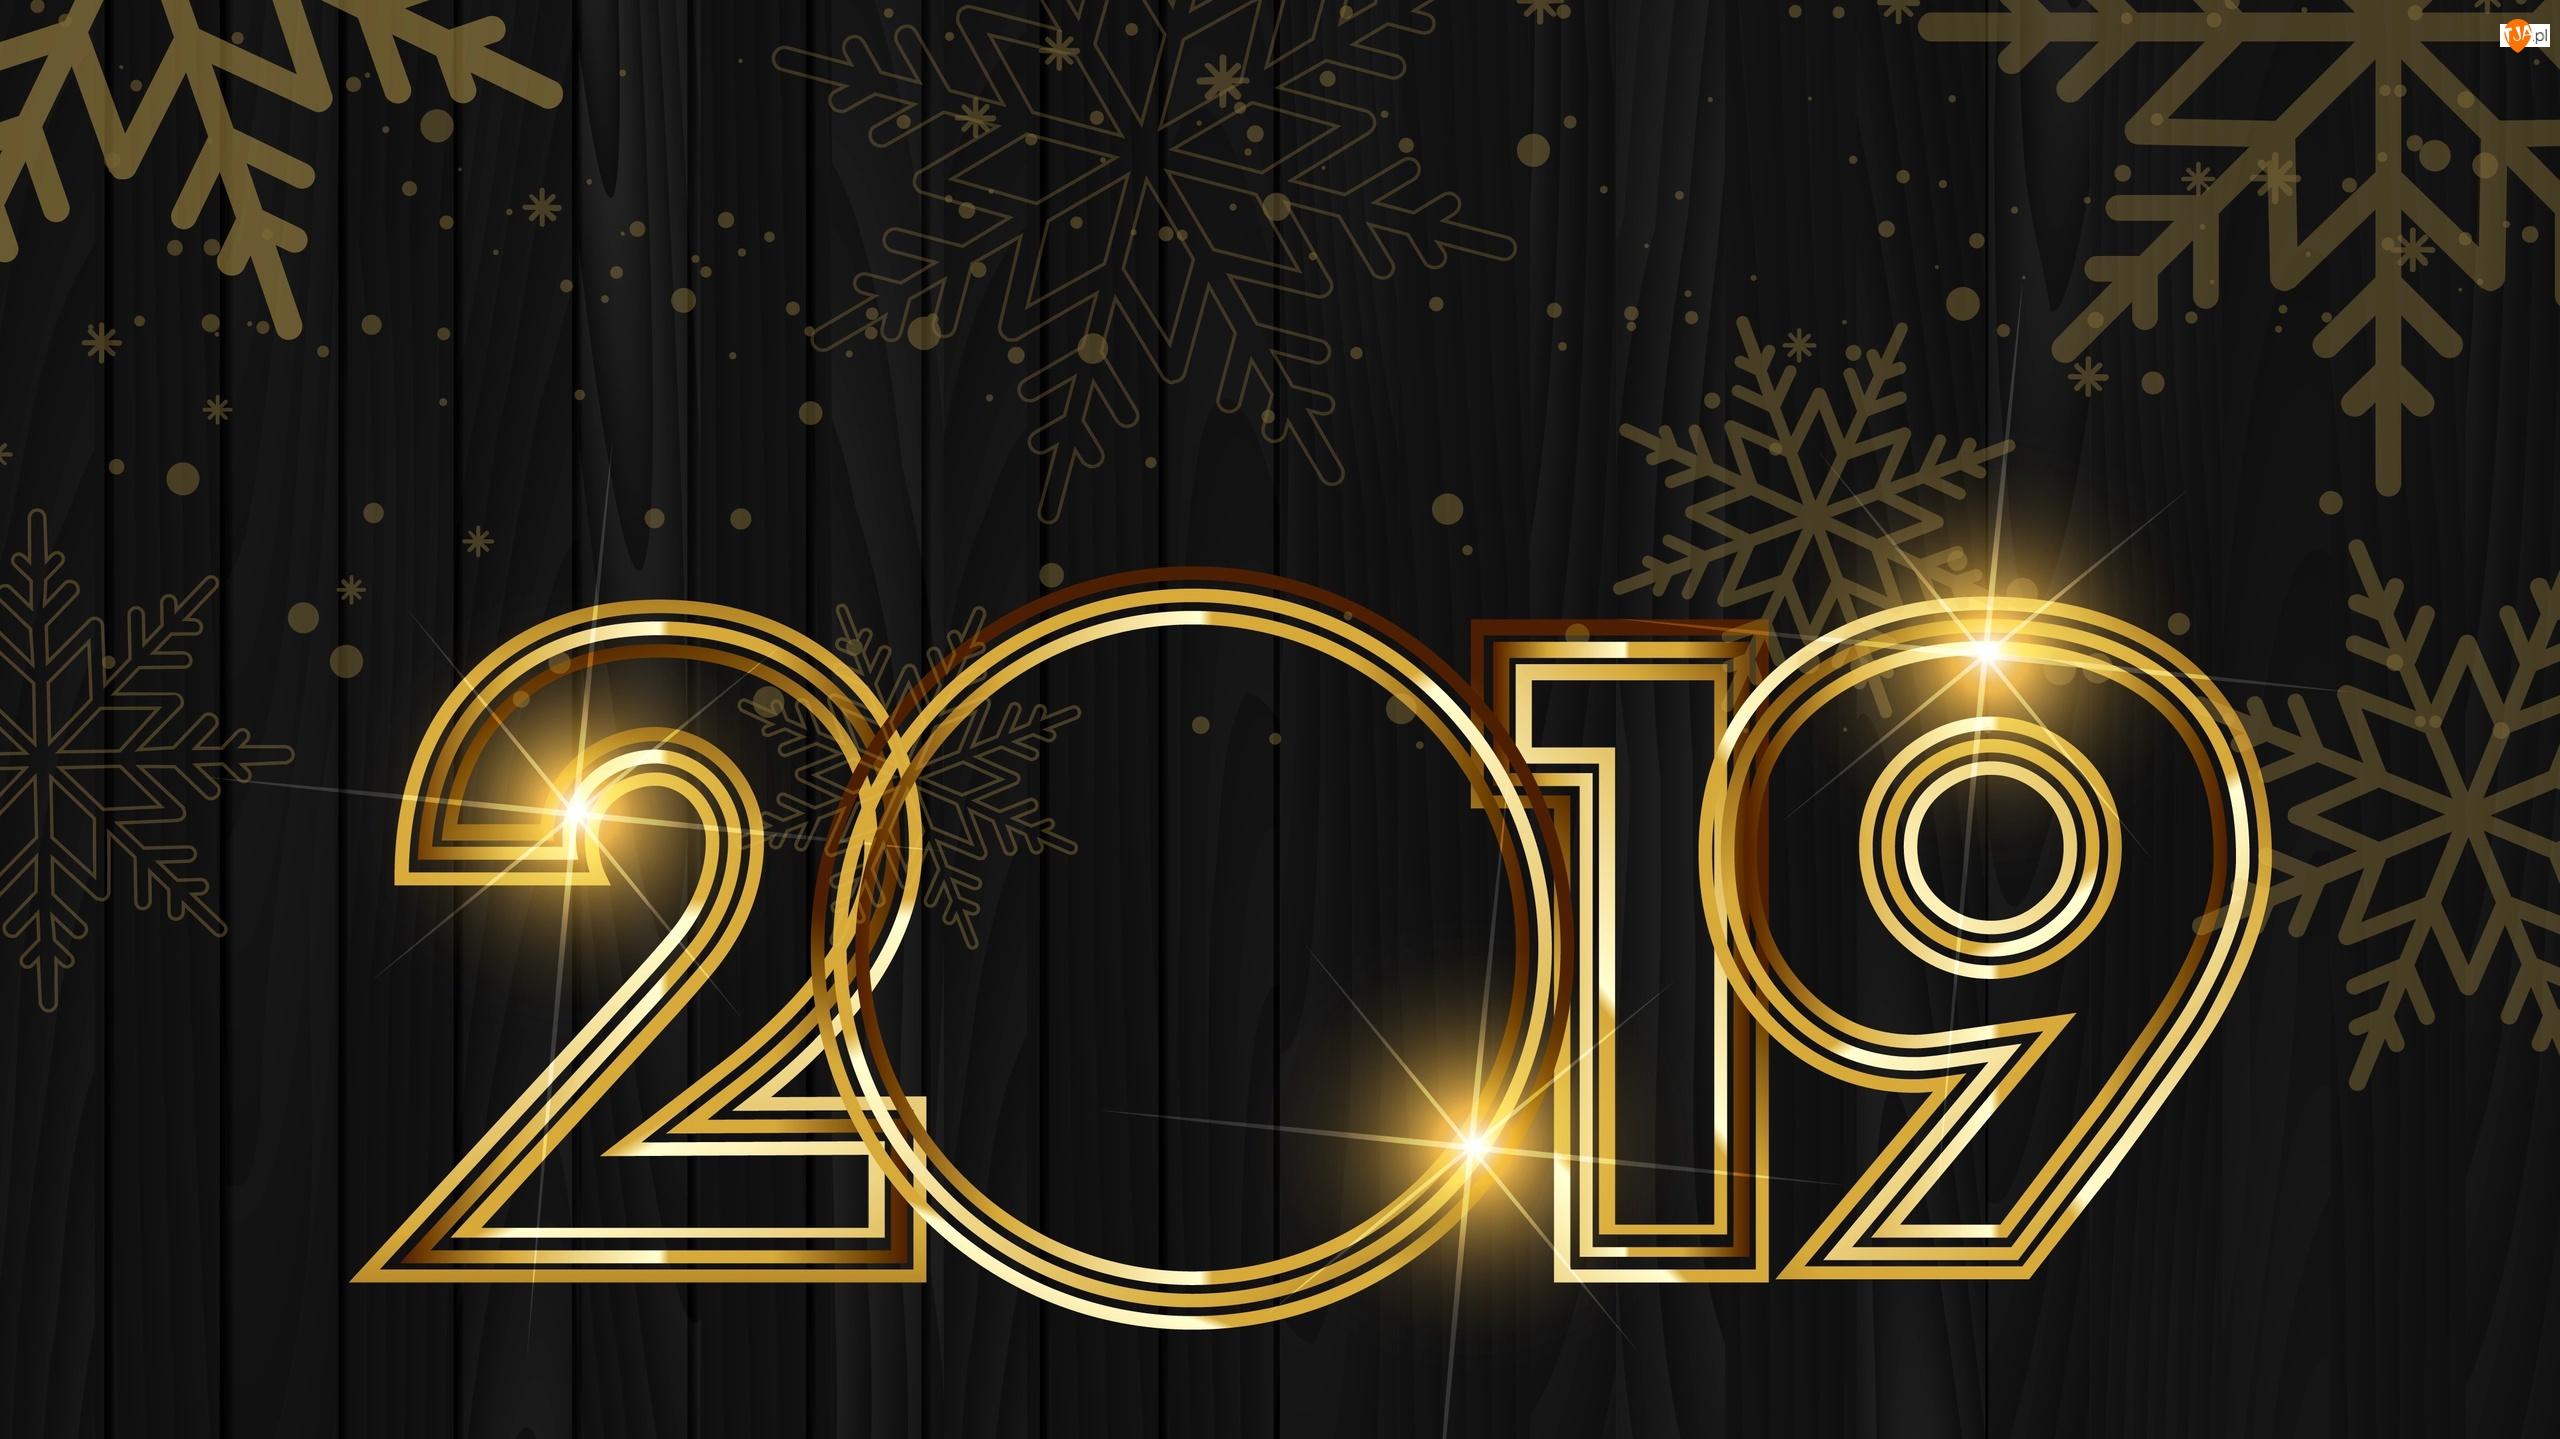 2019, Nowy Rok, Cyfry, Deski, Złote, Śnieżynki